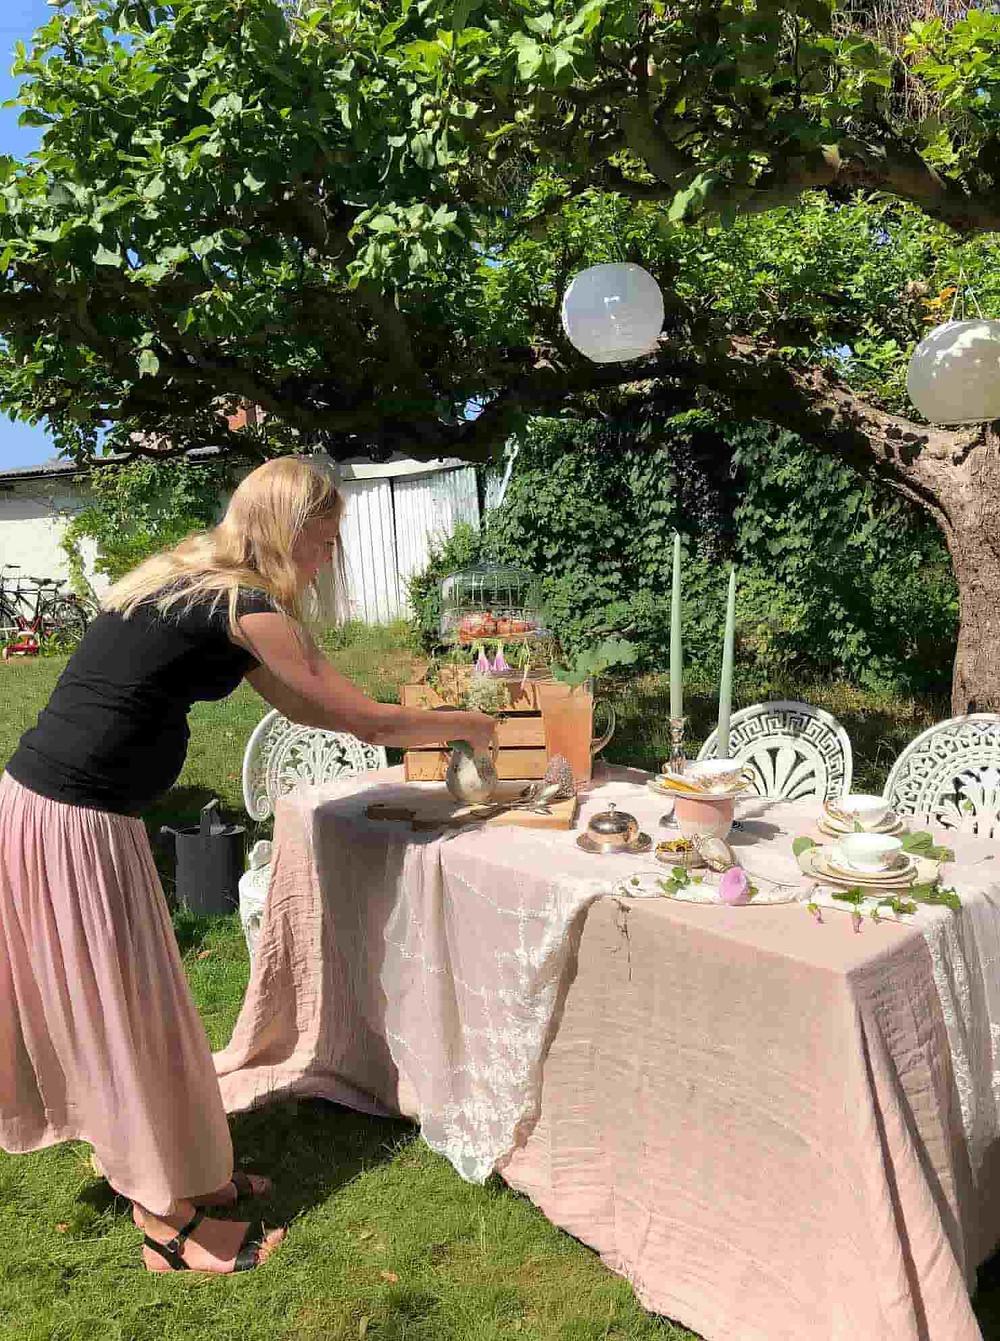 Marie dukning i utomhusmiljö